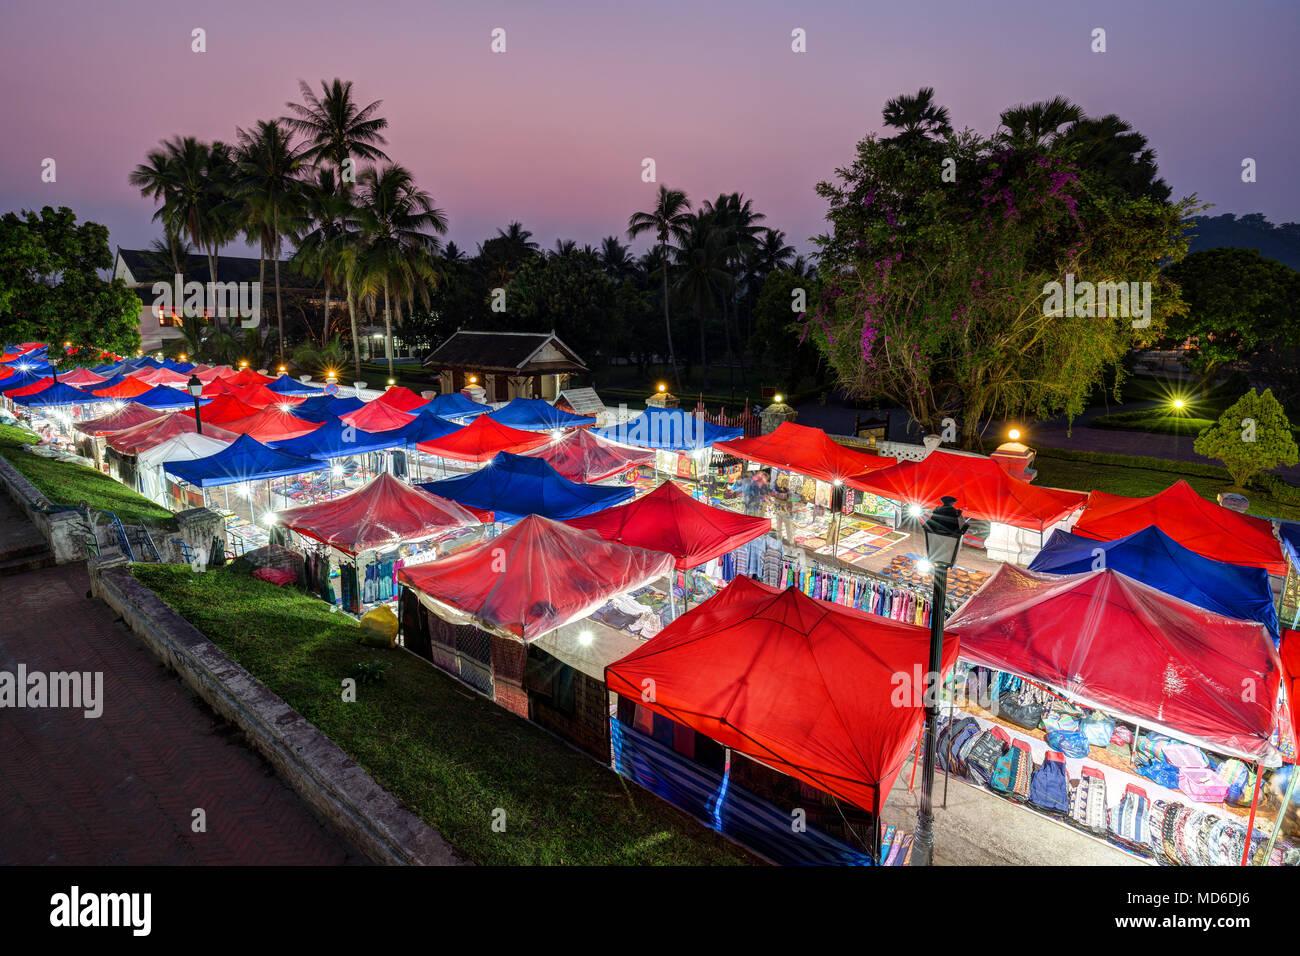 Molti accese le bancarelle del mercato presso il mercato notturno a Luang Prabang, Laos, visto da sopra al crepuscolo. Immagini Stock